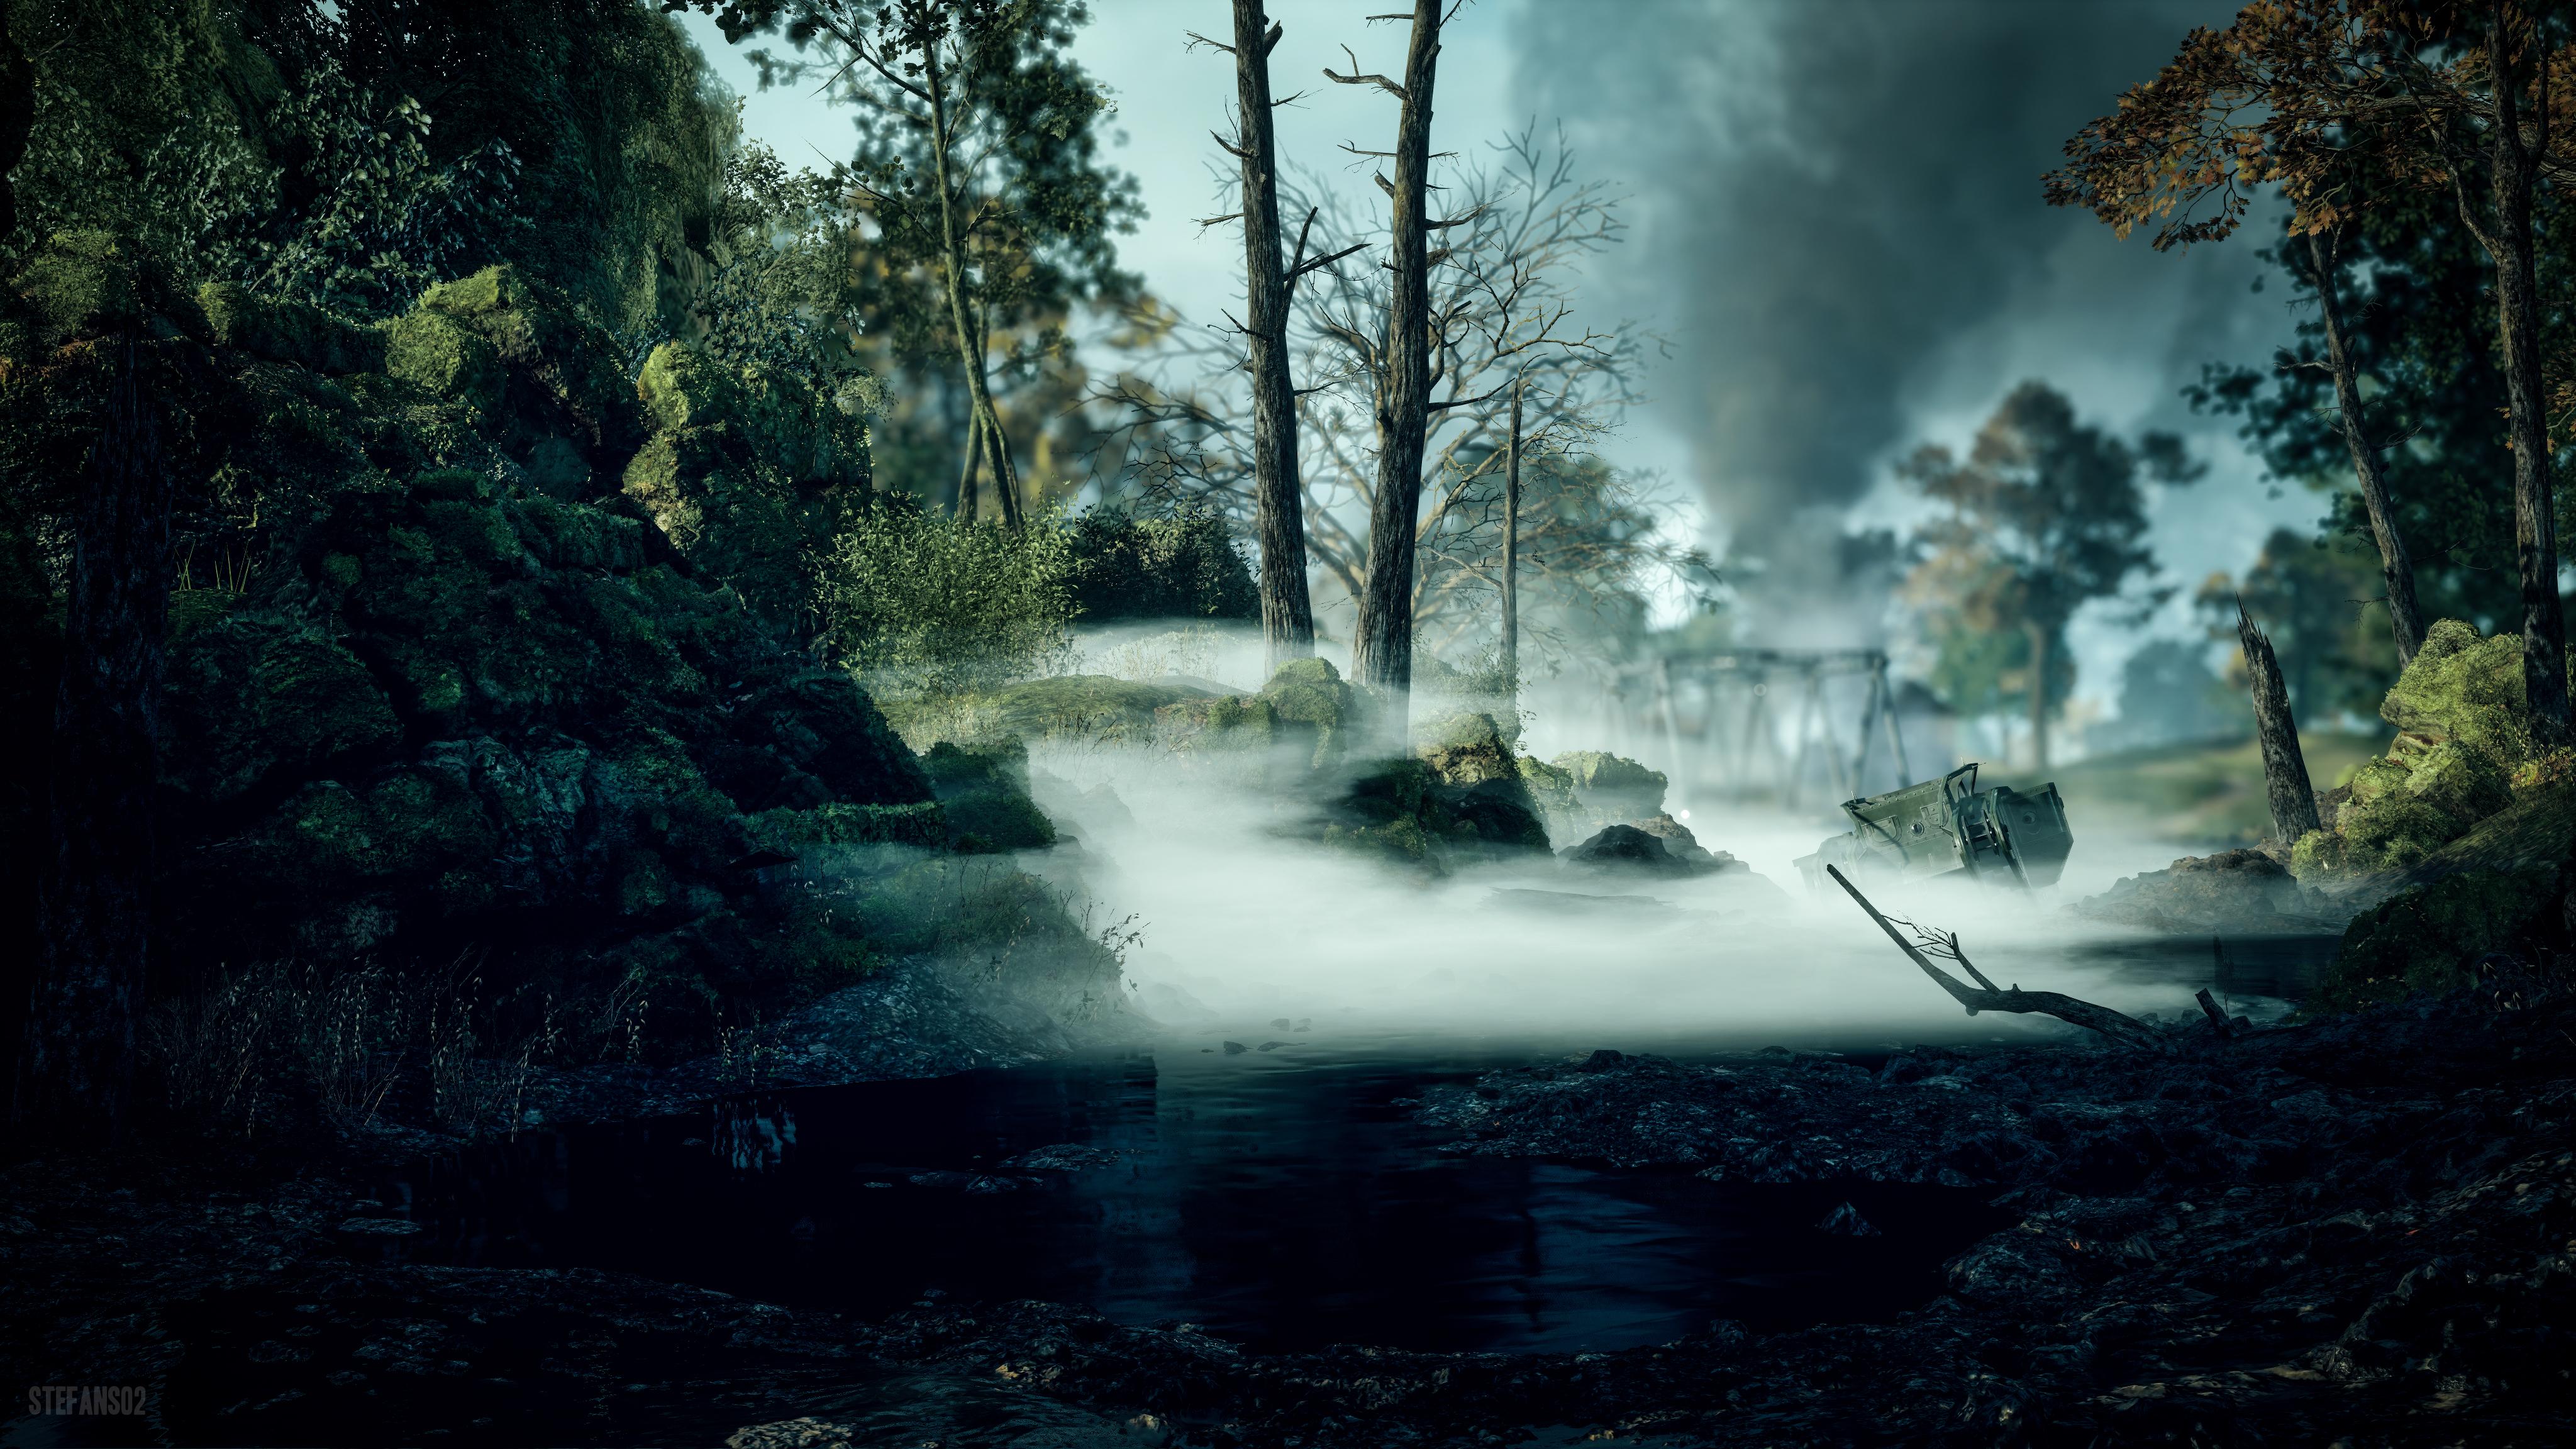 Battlefield 1 4k Ultra Tapeta Hd: Battlefield 1 / Stranded In Mud 4k Ultra Tapeta HD